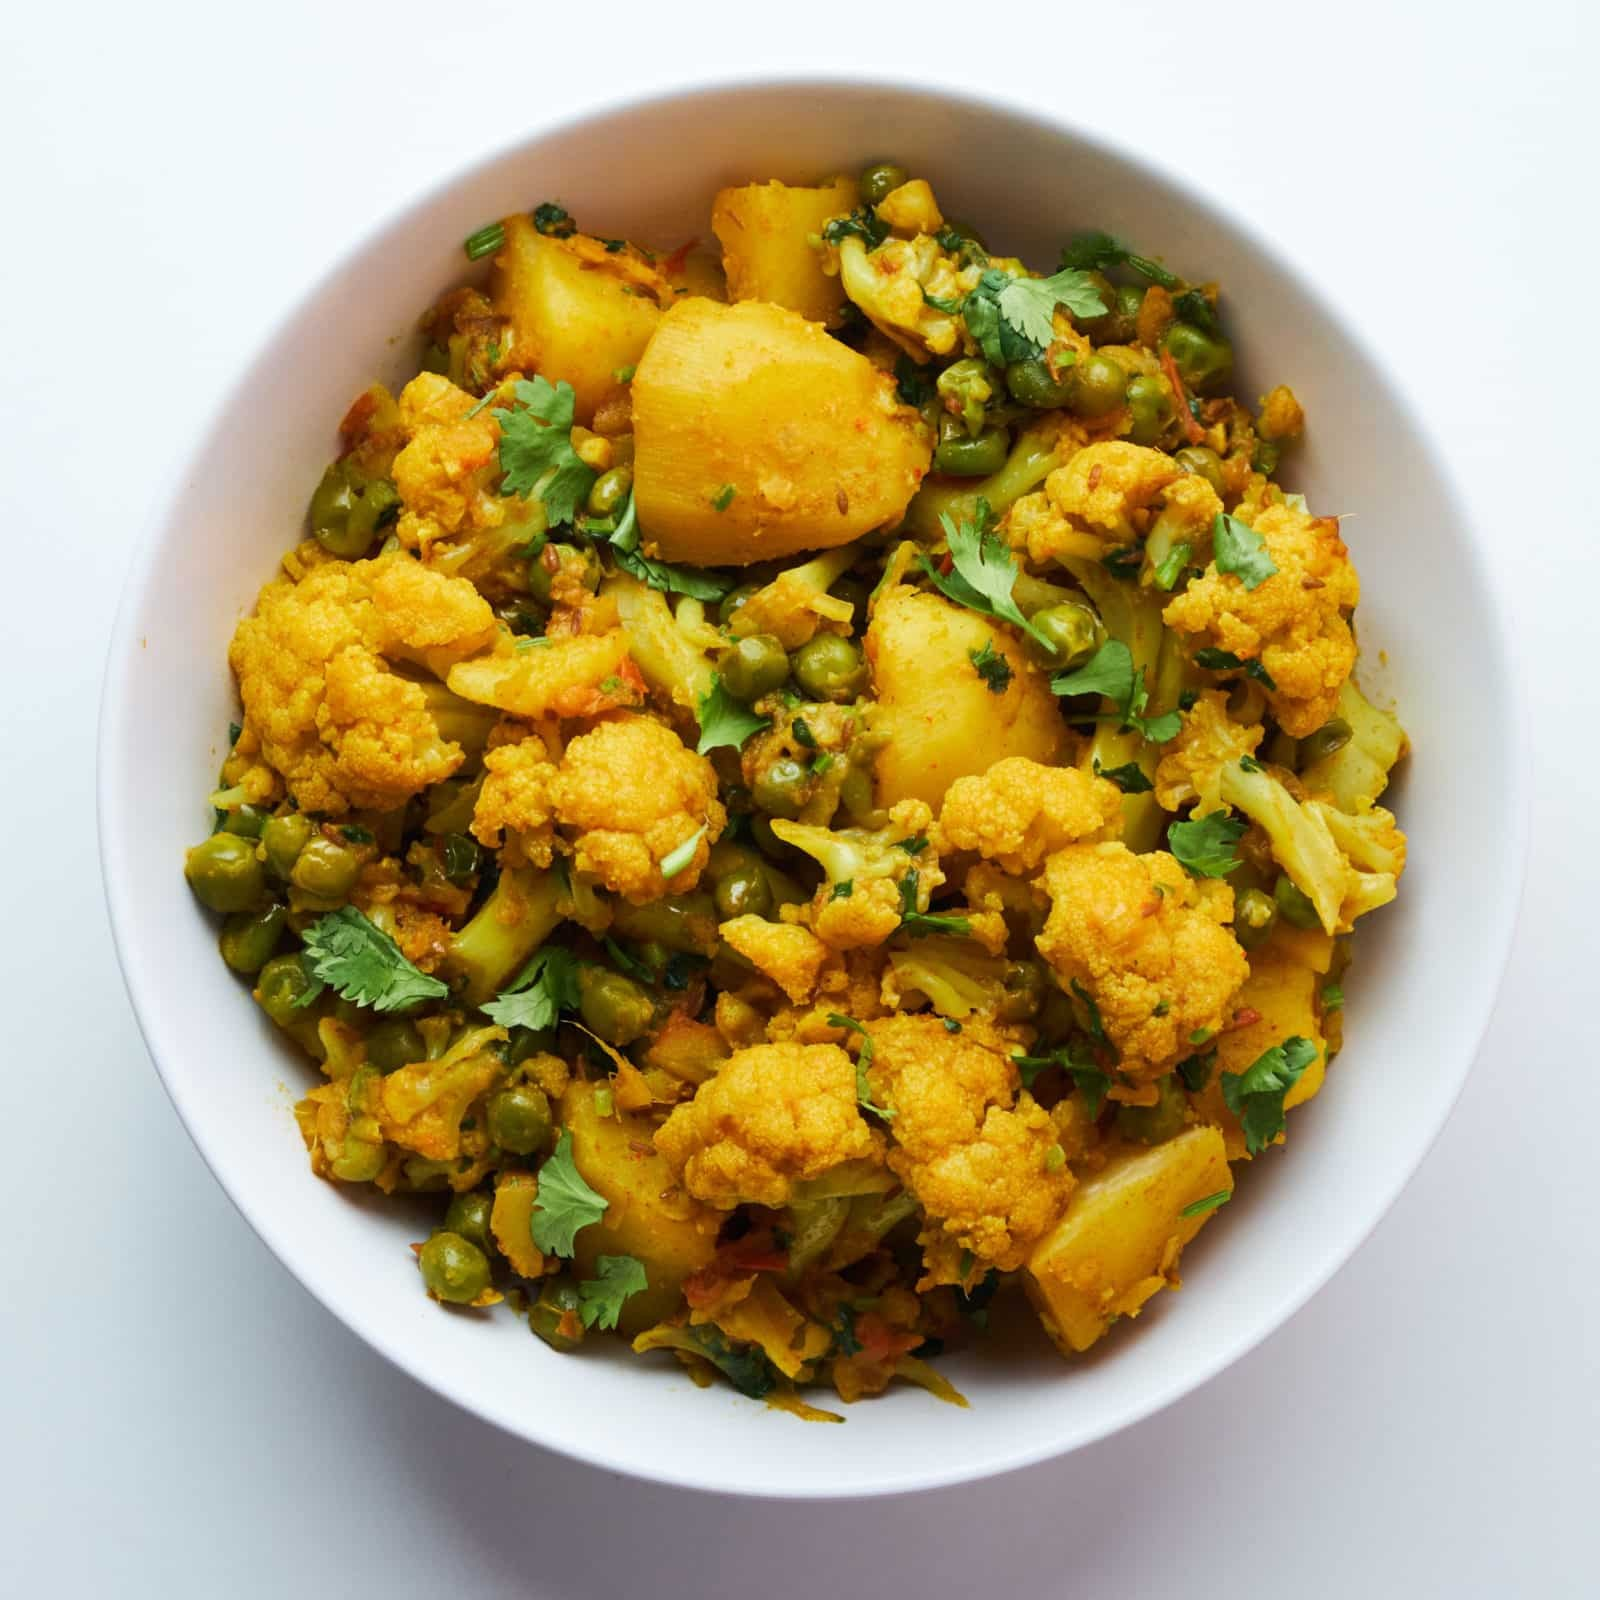 أكلات هندية بالبطاطس - طريقة عمل الآلو جوبي الهندي